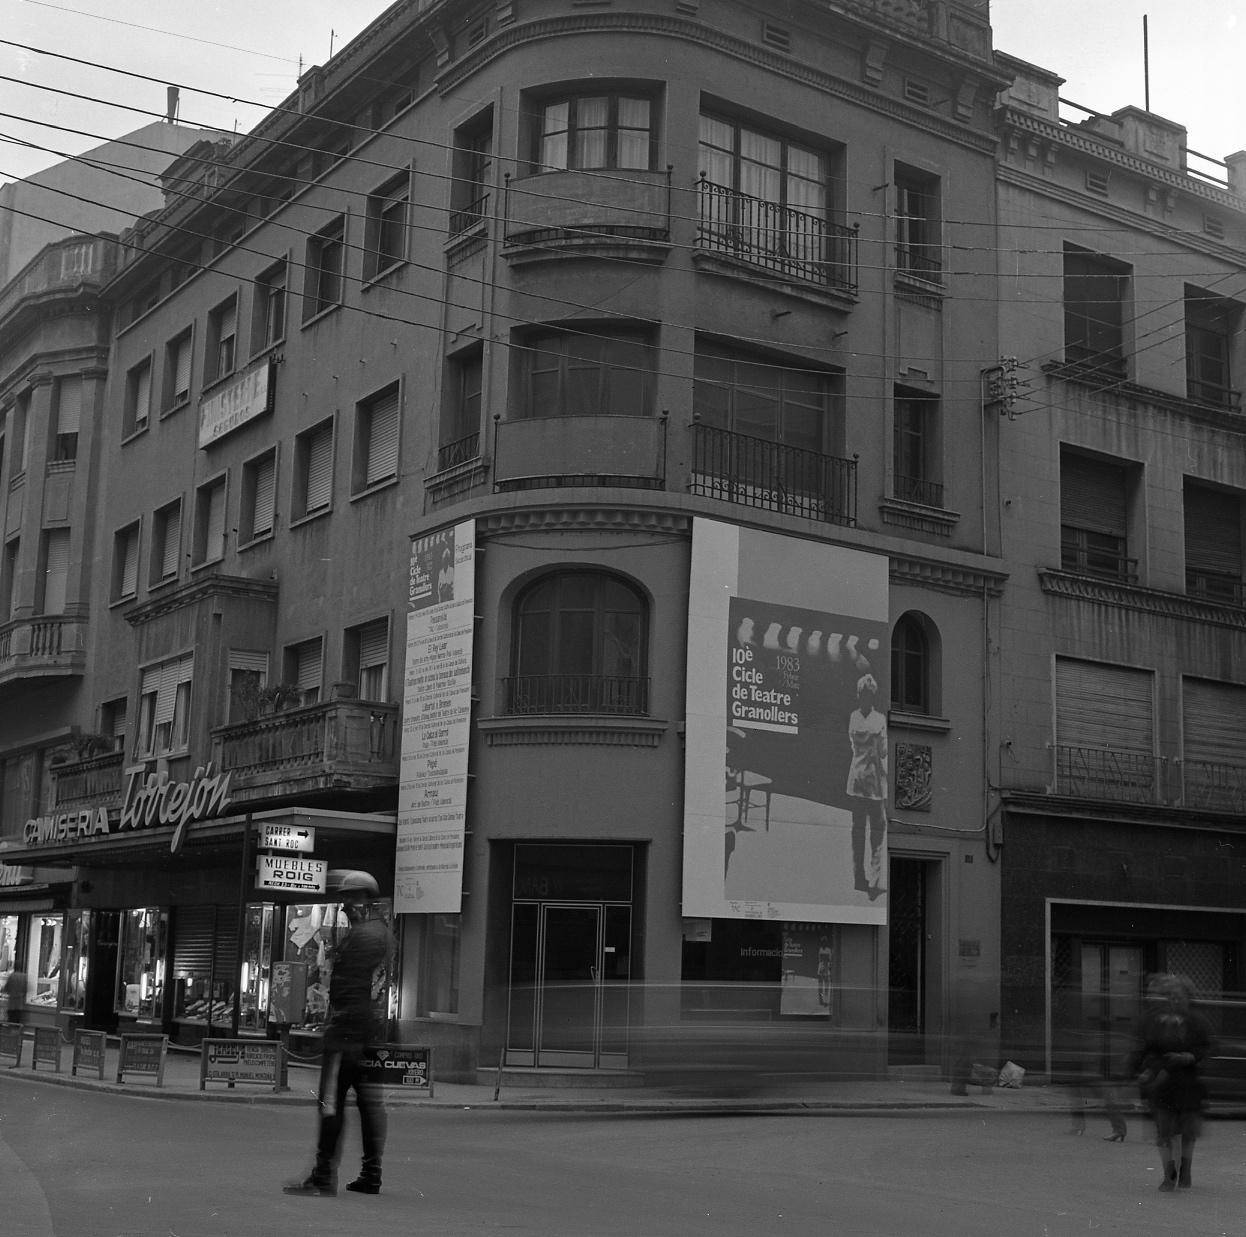 Antics Escenaris De Teatre Febrer Maig De 2017 Ajuntament De  # Muebles Roig Granollers